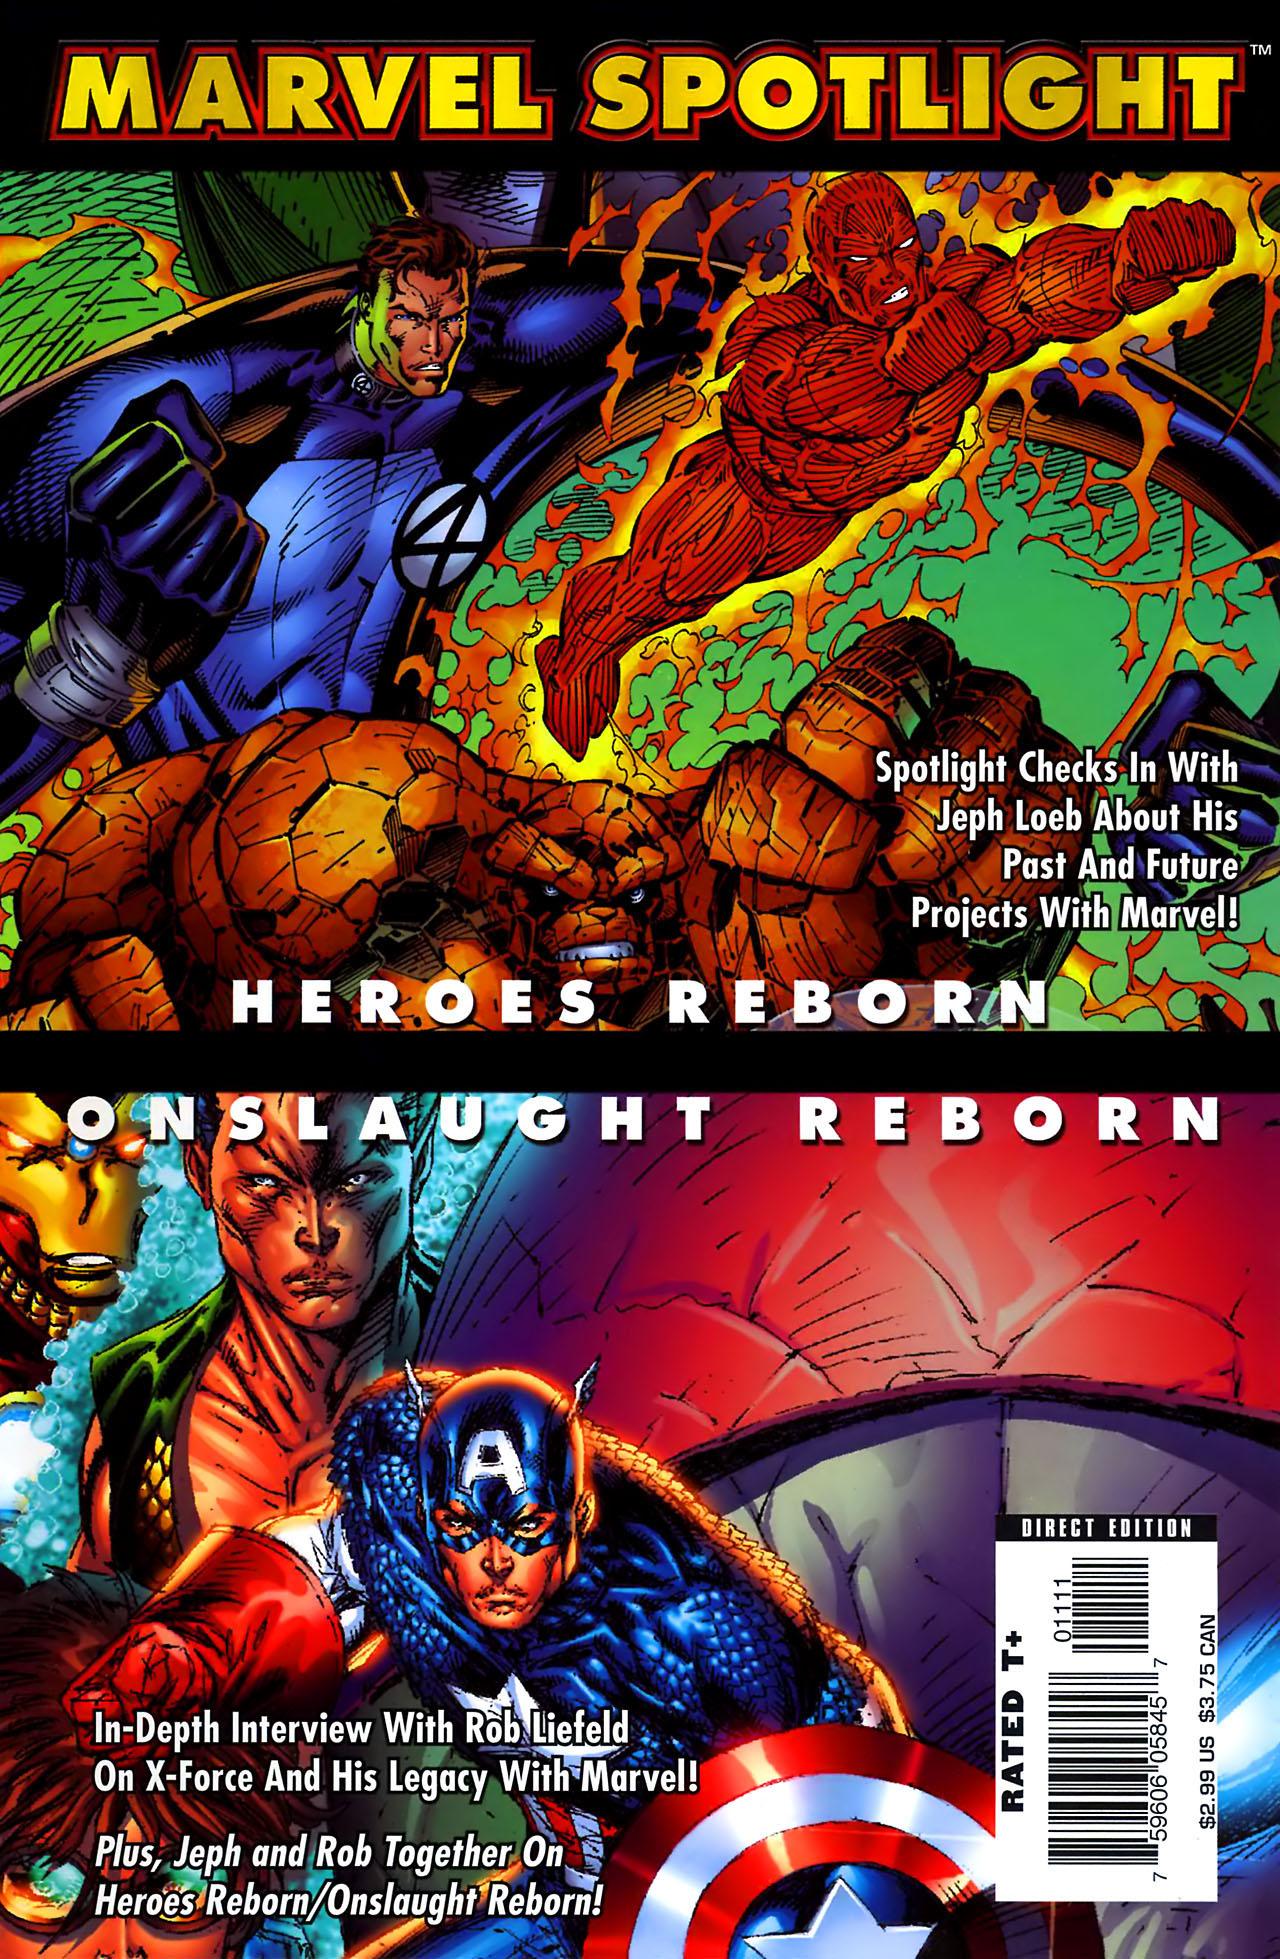 Marvel Spotlight: Heroes Reborn/Onslaught Reborn Vol 1 1